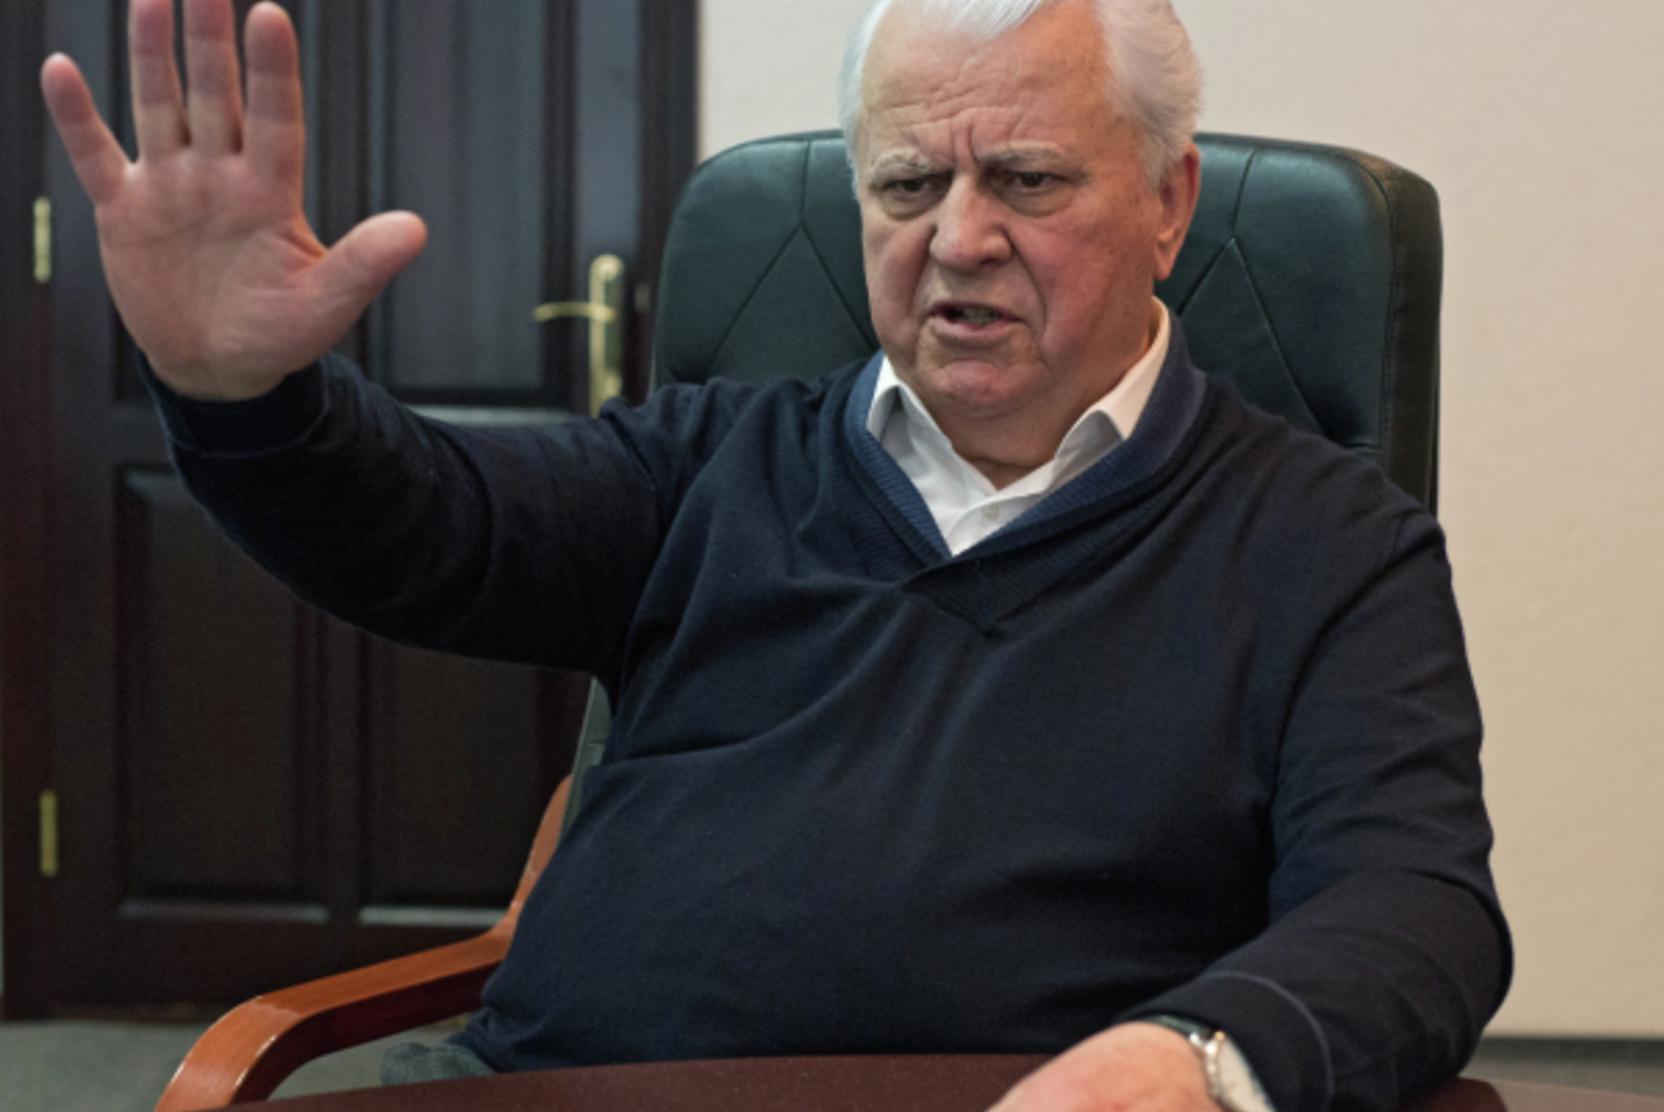 Выдается желаемое за действительное: Кравчук ответил на идею Суркова силой вернуть Украину